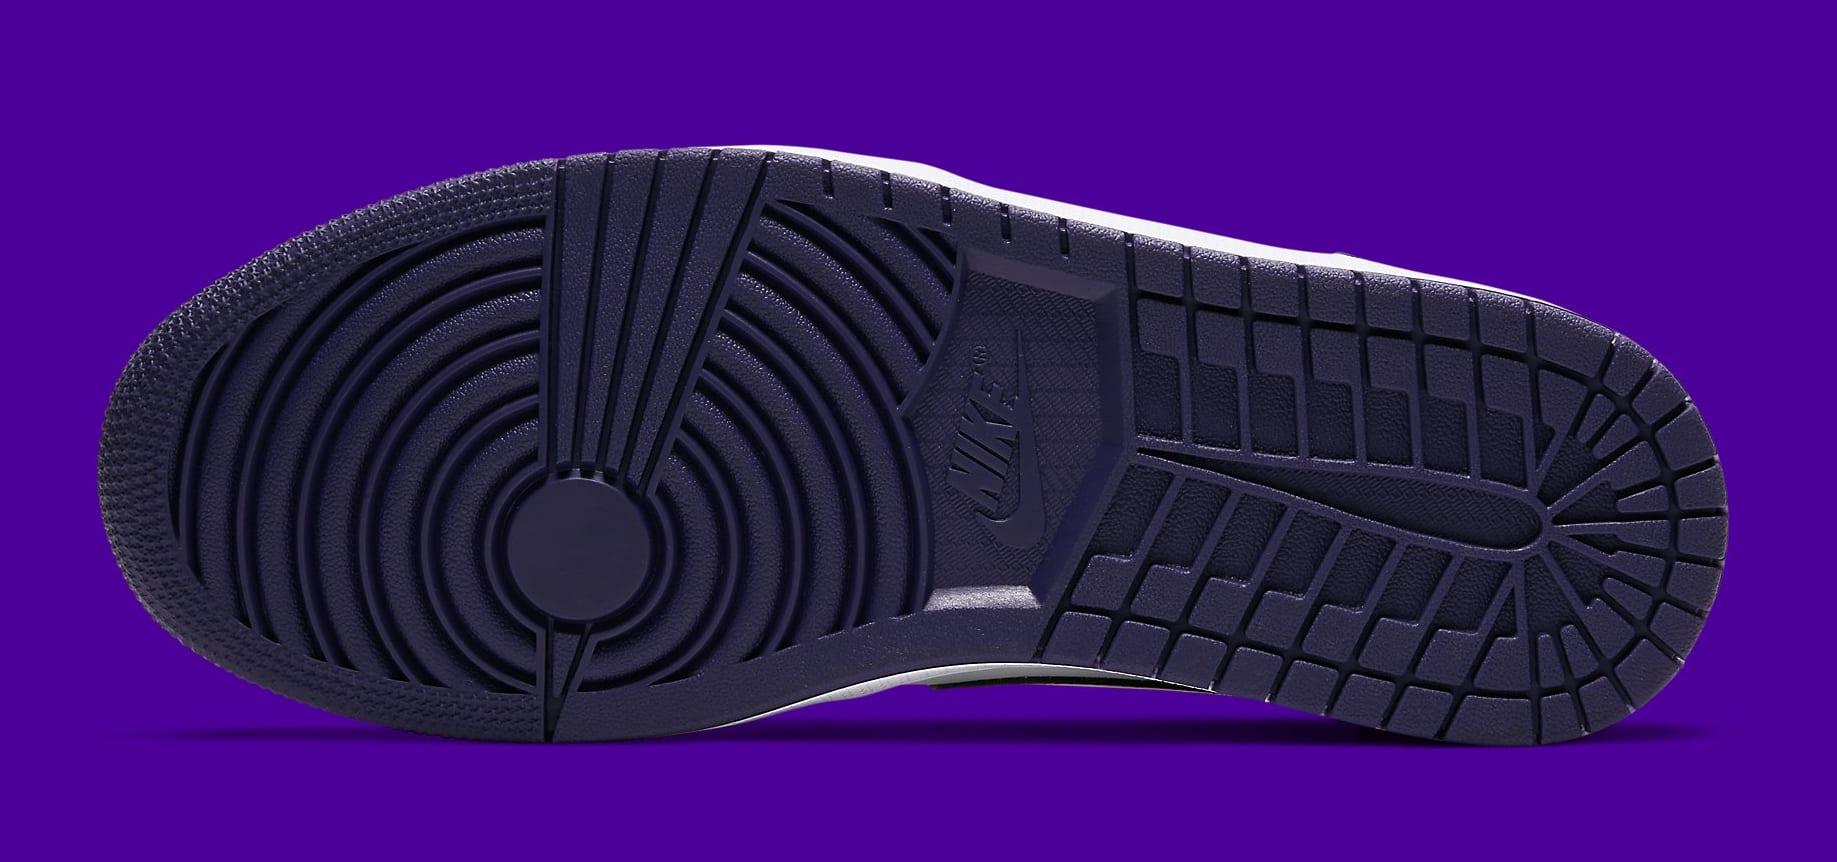 air-jordan-1-low-court-purple-553558-125-sole